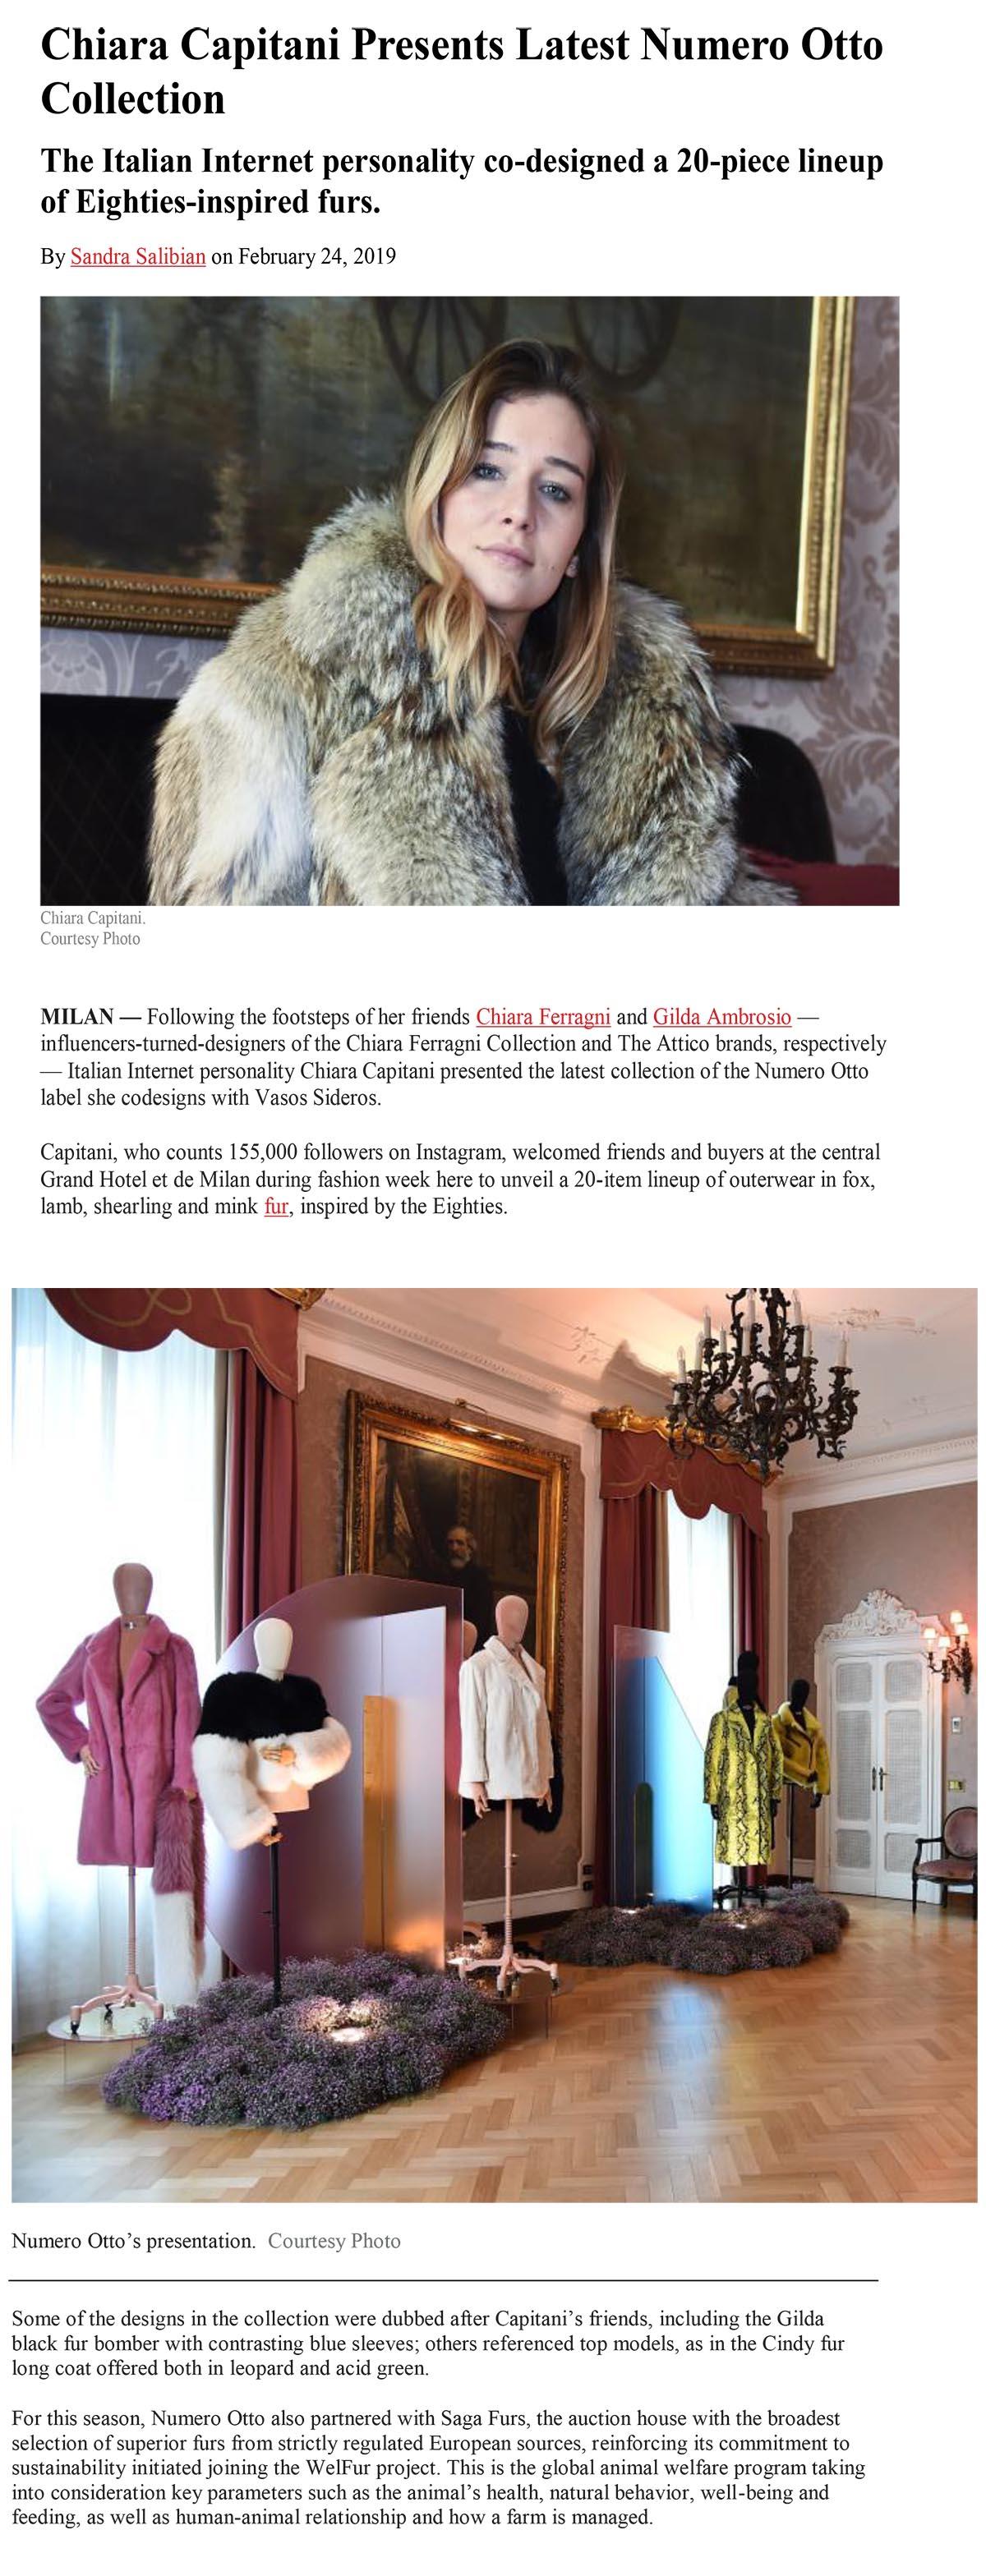 Chiara Capitani Presents Latest Numero Otto Collection-1